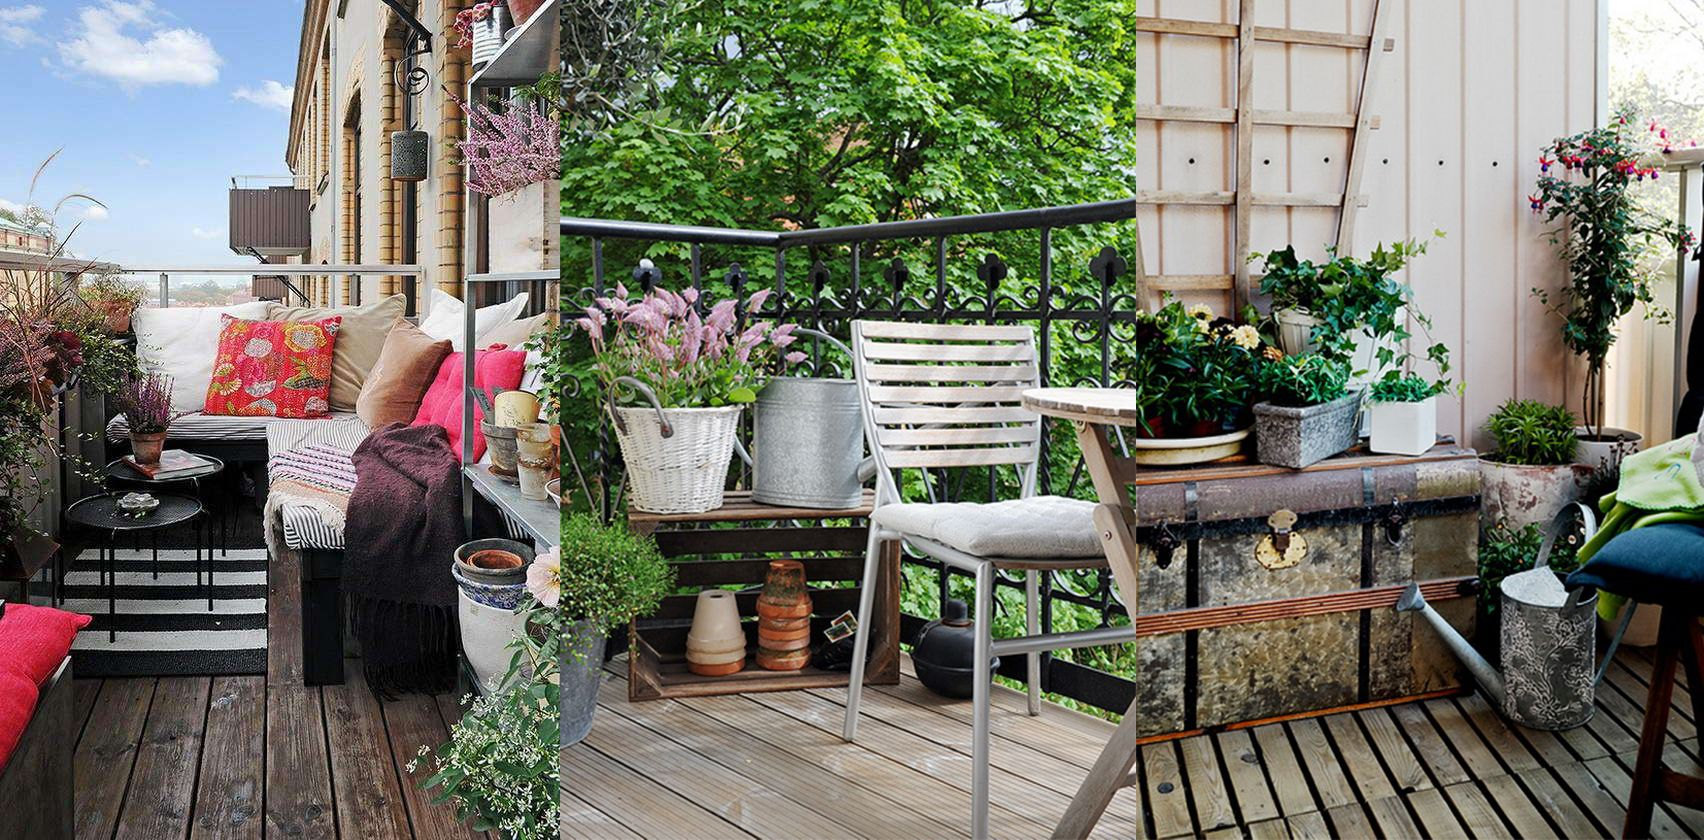 5 idee geniali per decorare il terrazzo bigodino - Decorare il terrazzo ...